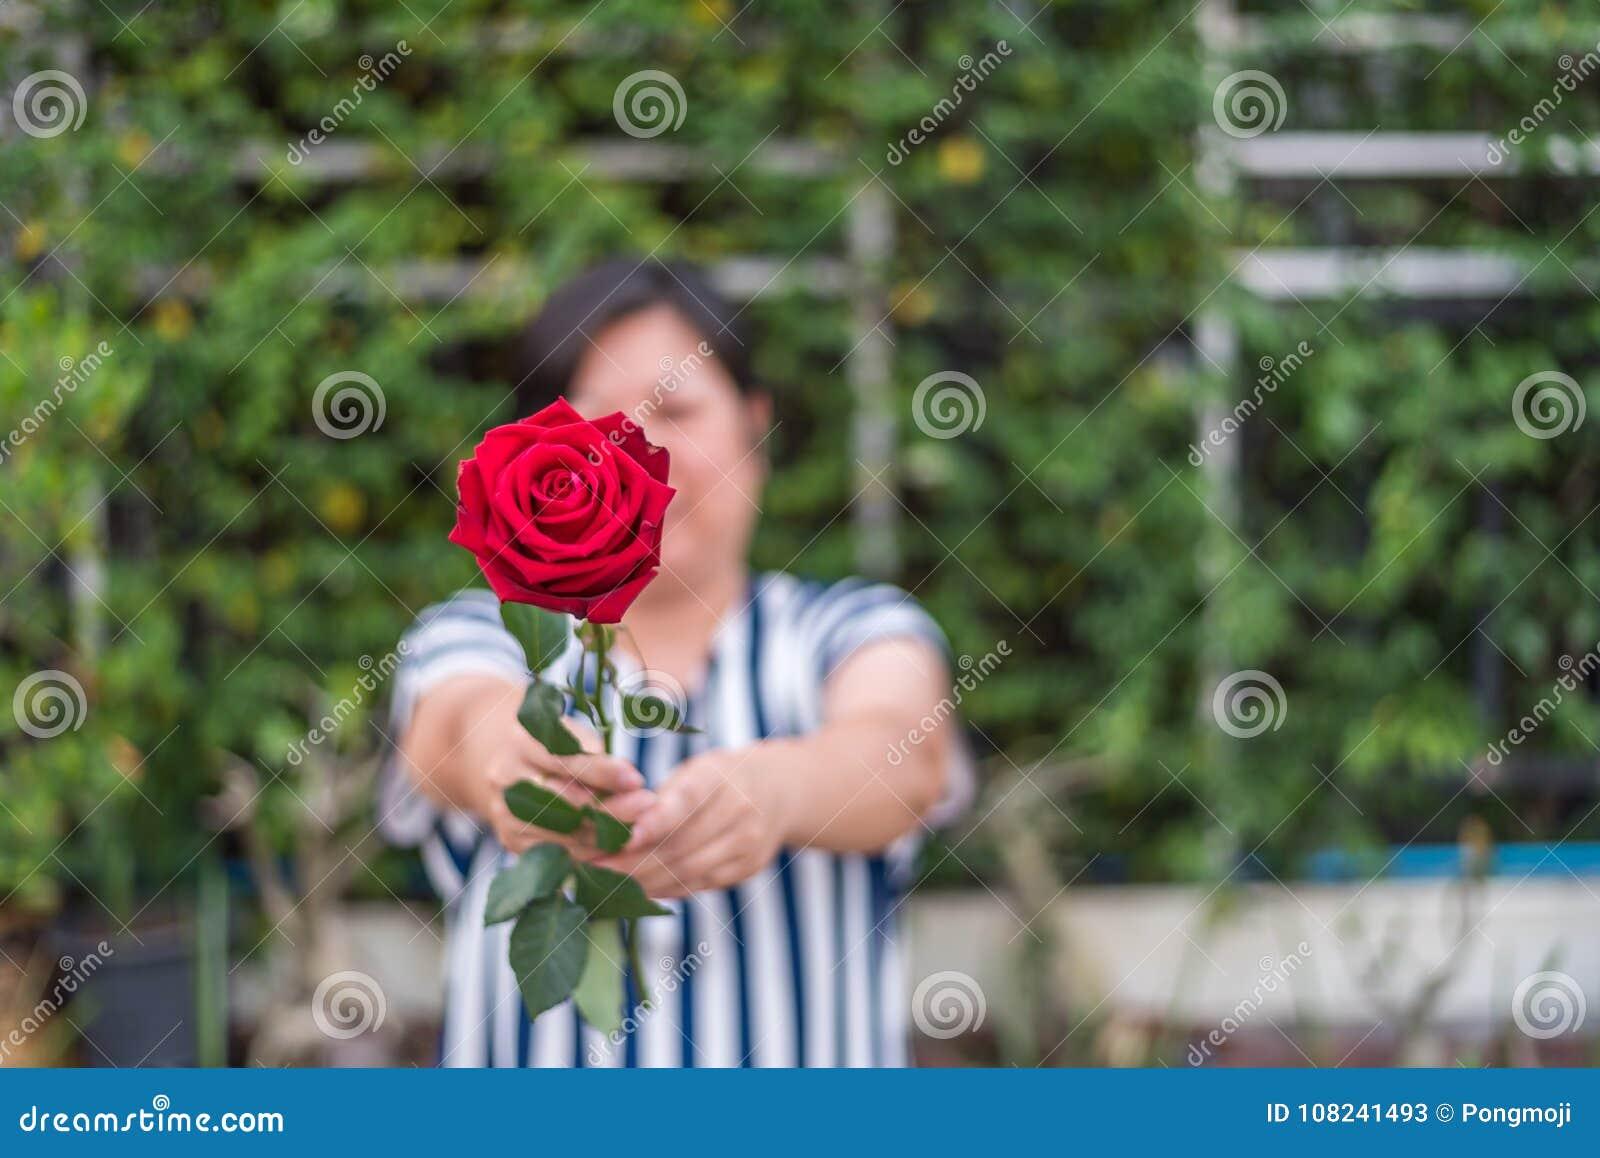 Fiori Con La S.Fiore Della Rosa Rossa Con La Mano Umana Nel Giorno Del S Del